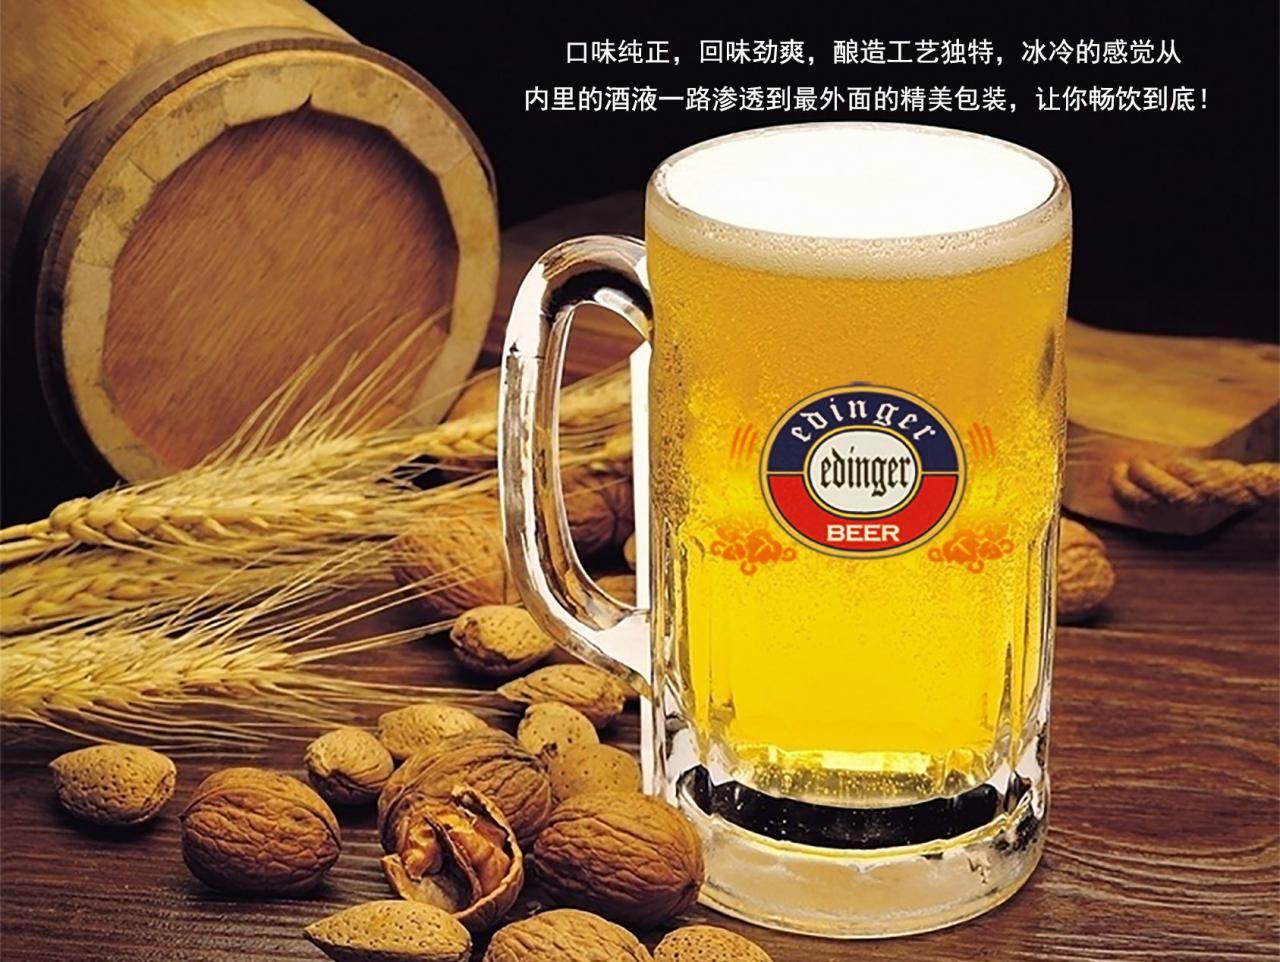 精酿啤酒有哪些品牌-有没有好吃的国产精酿啤酒品牌?推荐-大麦丫-精酿啤酒连锁超市,工厂店平价酒吧免费加盟